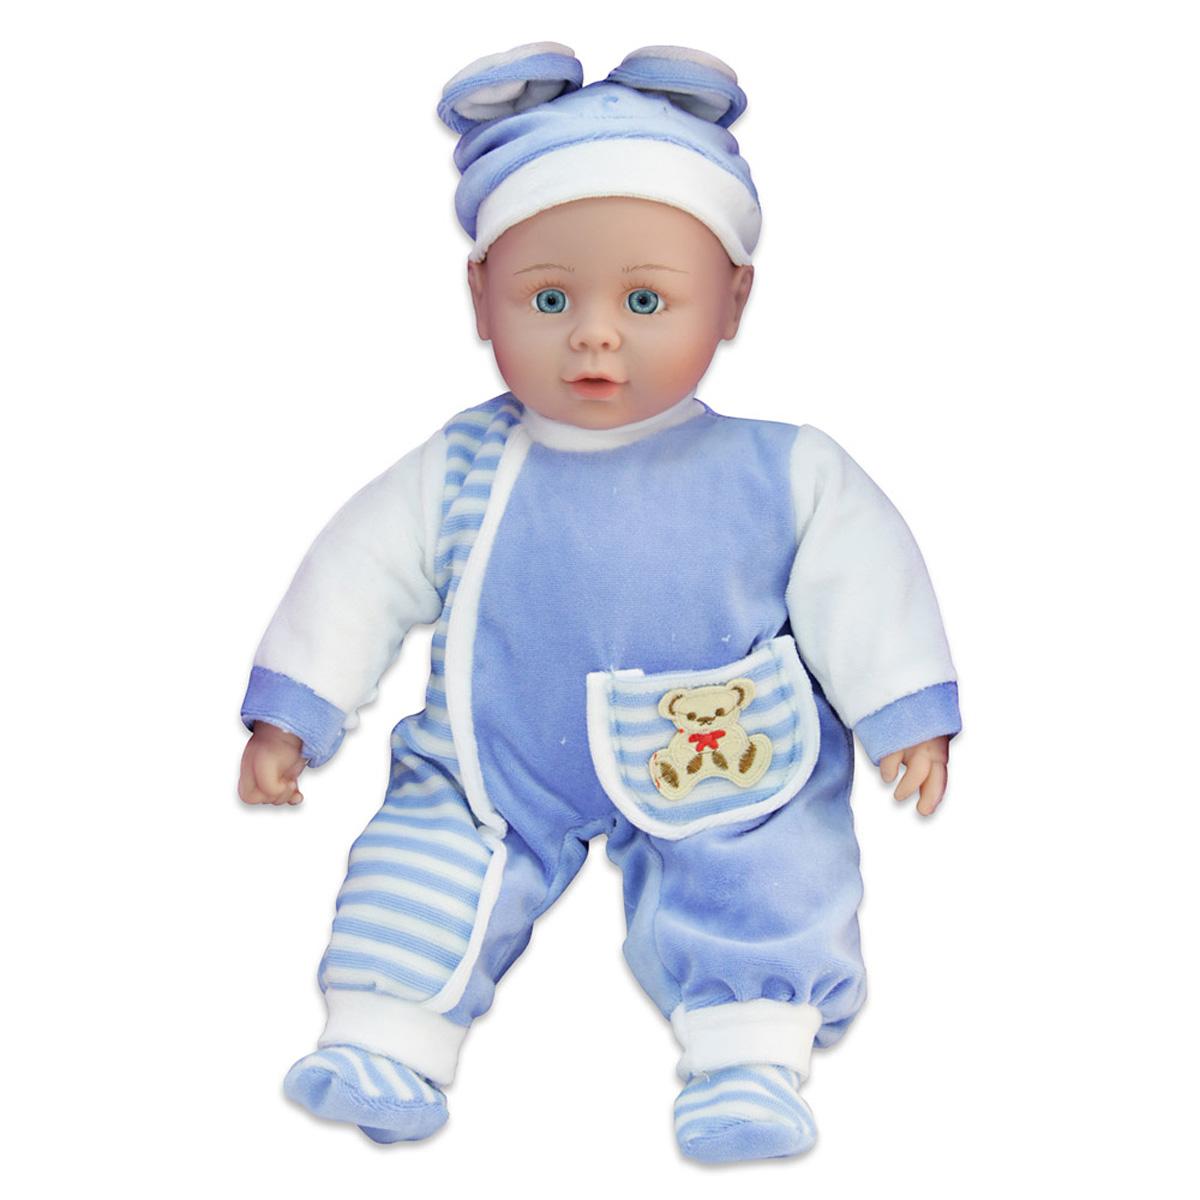 Lisa Jane Пупс озвученный в голубом нарядеUT-J1646Очень интересная и красивая куколка Lisa Jane сможет удивить и обрадовать Вашу малышку! Выглядит куколка очень реалистично, у неё очаровательный взгляд, милое и трогательное личико, пухлые щёчки и приоткрытый ротик. Куколка одета в голубой комбинезон и шапочку зайчика. Кукла-зайка обладает массой интересных функциональных особенностей, с которыми игра приобретёт наполненность. Стоит нажать на правую или левую ручку - и куколка начнёт петь песенку или читать стихи, или просто произносить фразы. Свою куклу маленькая мама сможет смело и с удовольствием обнимать, она мягконабивная, просто располагает к нежным объятьям! Для работы звуковых эффектов требуются 3 батарейки типа АА, в комплект не входят.